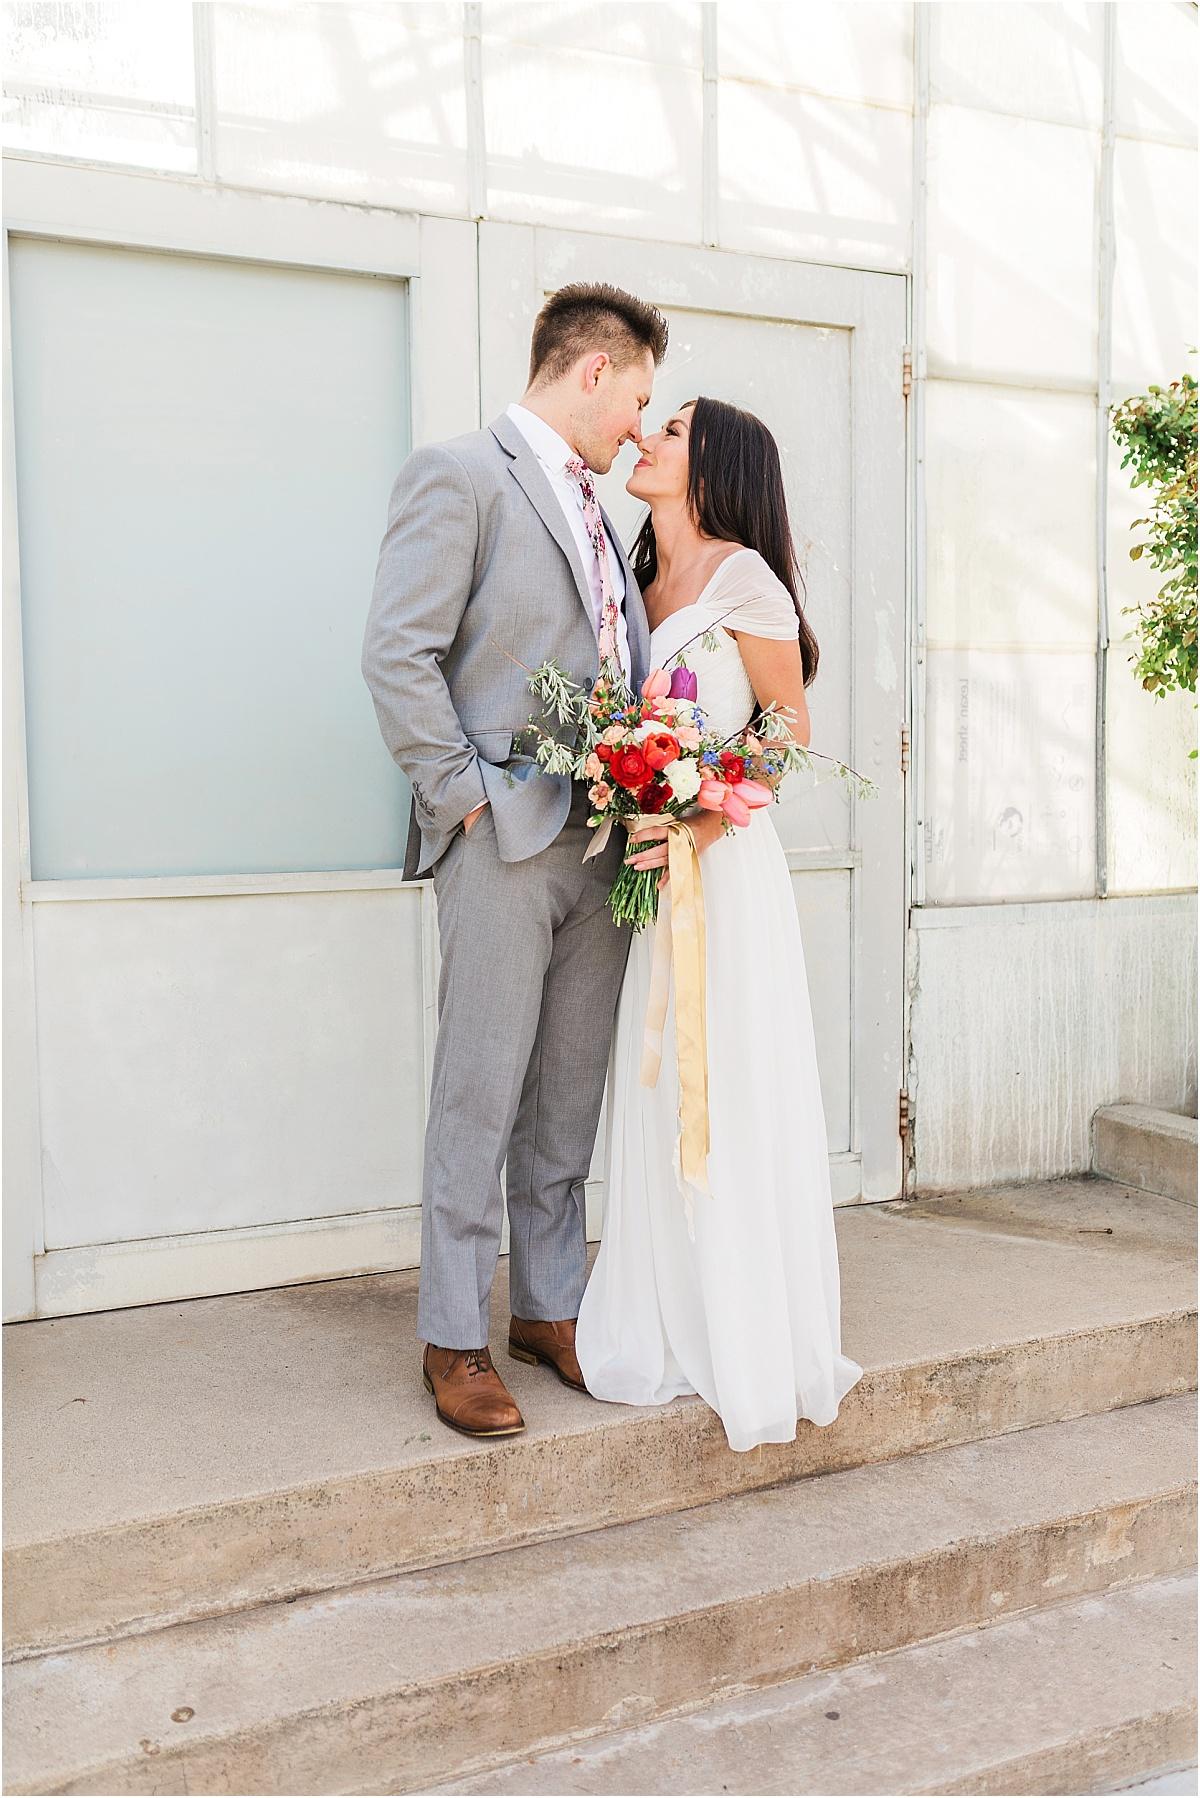 Formal session in Salt Lake City, Utah at Liberty Park | Utah Wedding Photographer